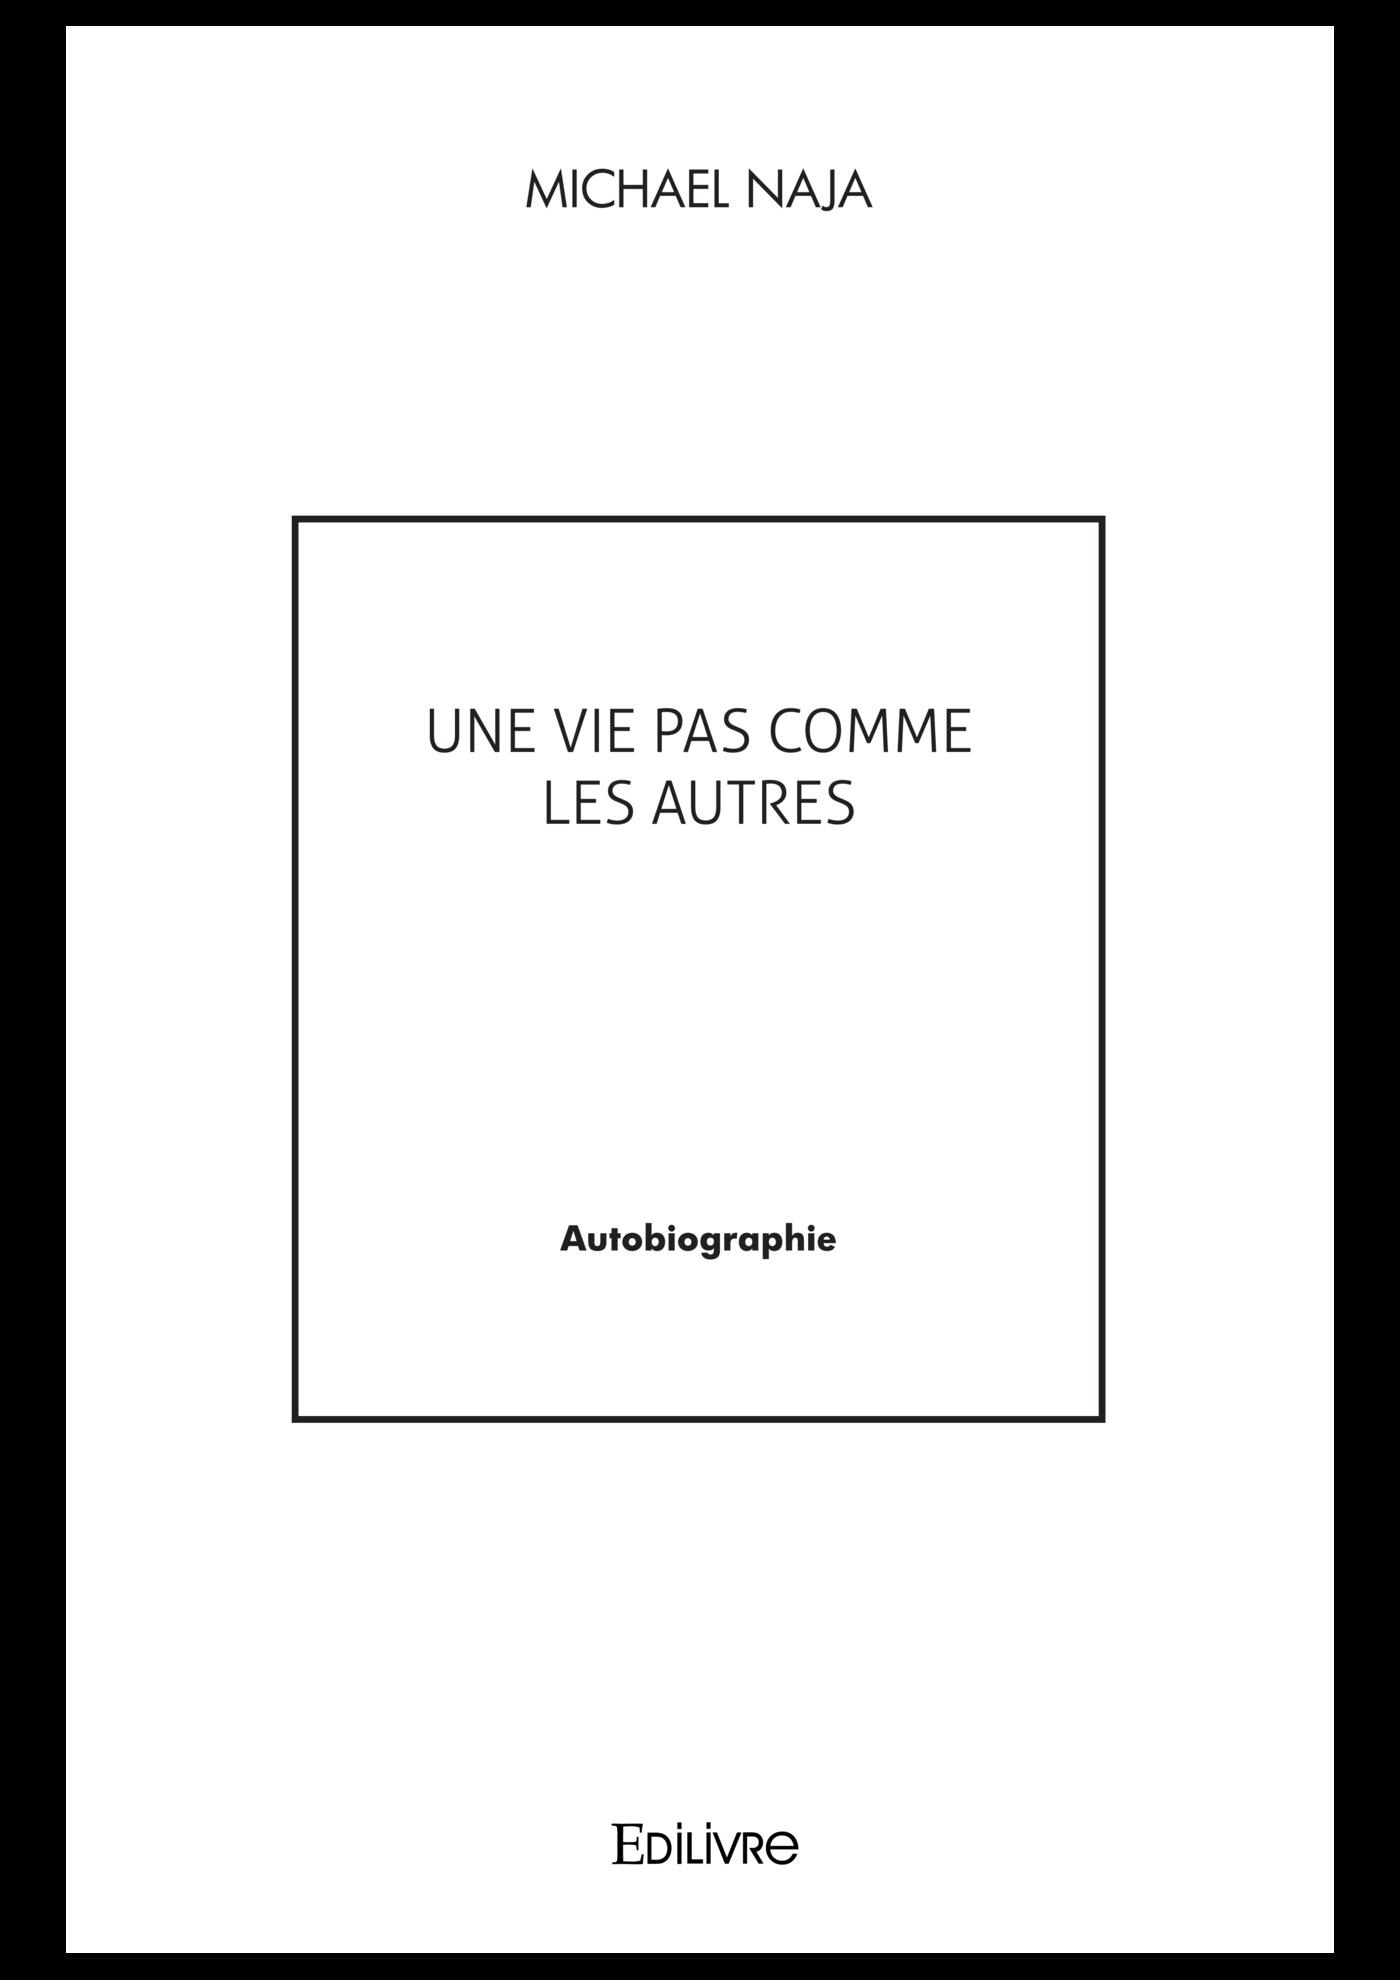 Une Vie Comme Les Autres : comme, autres, Comme, Autres, Michael, Leslibraires.ca